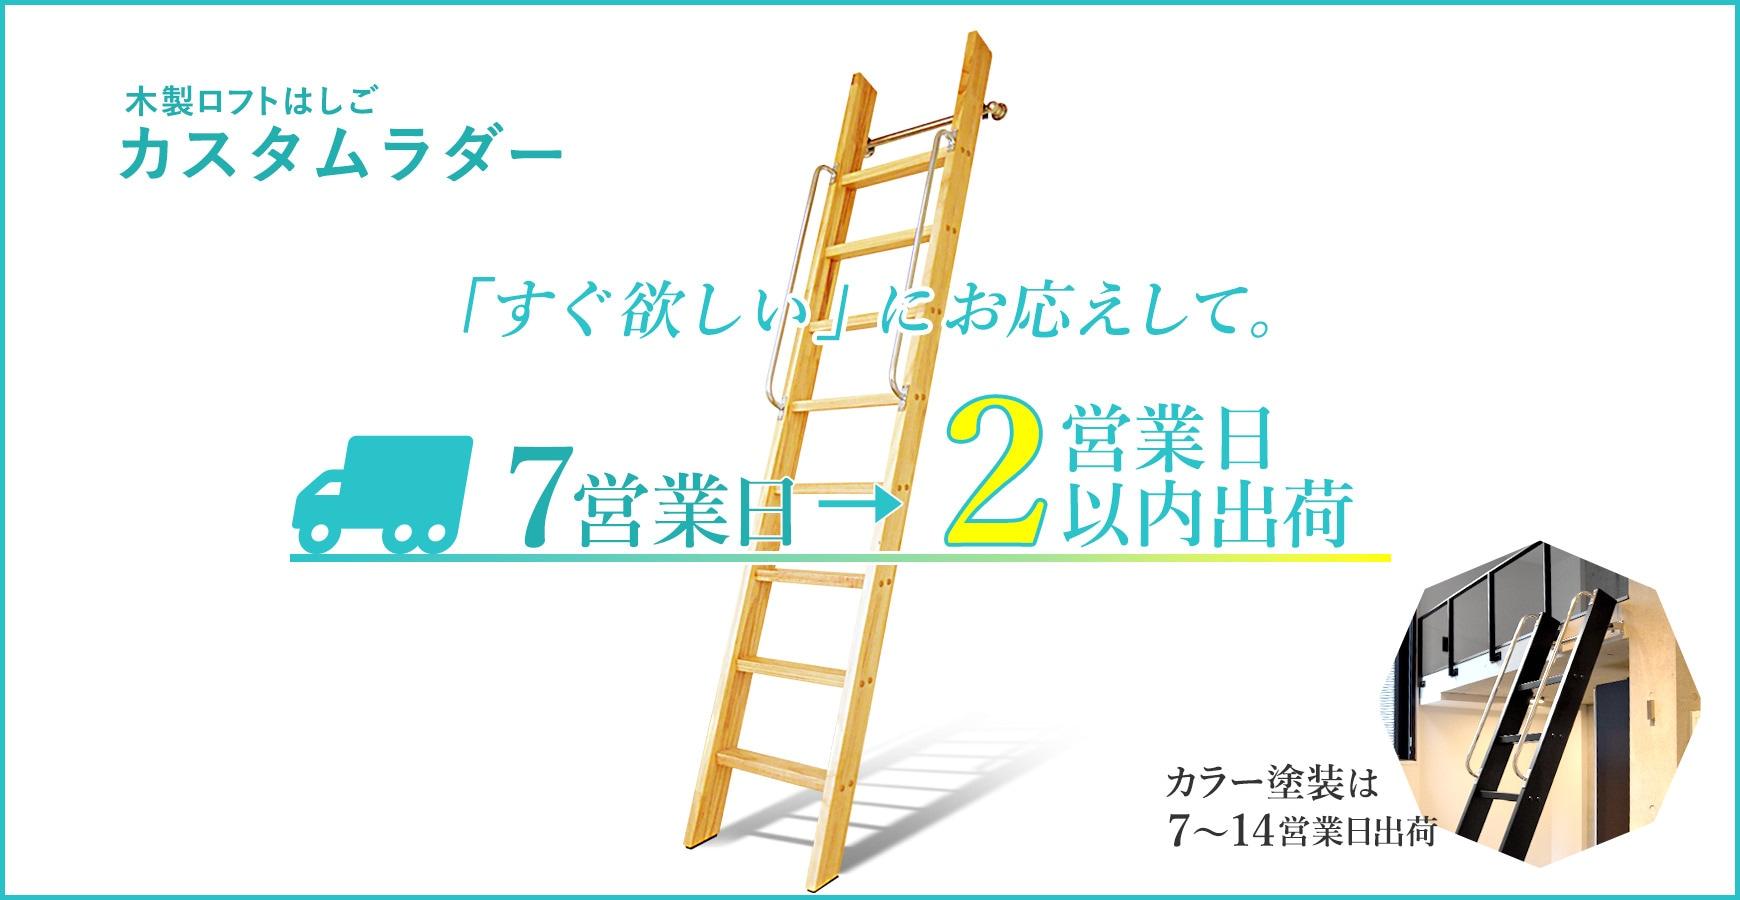 出荷日短縮!カラーオーダー可能な木製ロフトはしごカスタムラダー